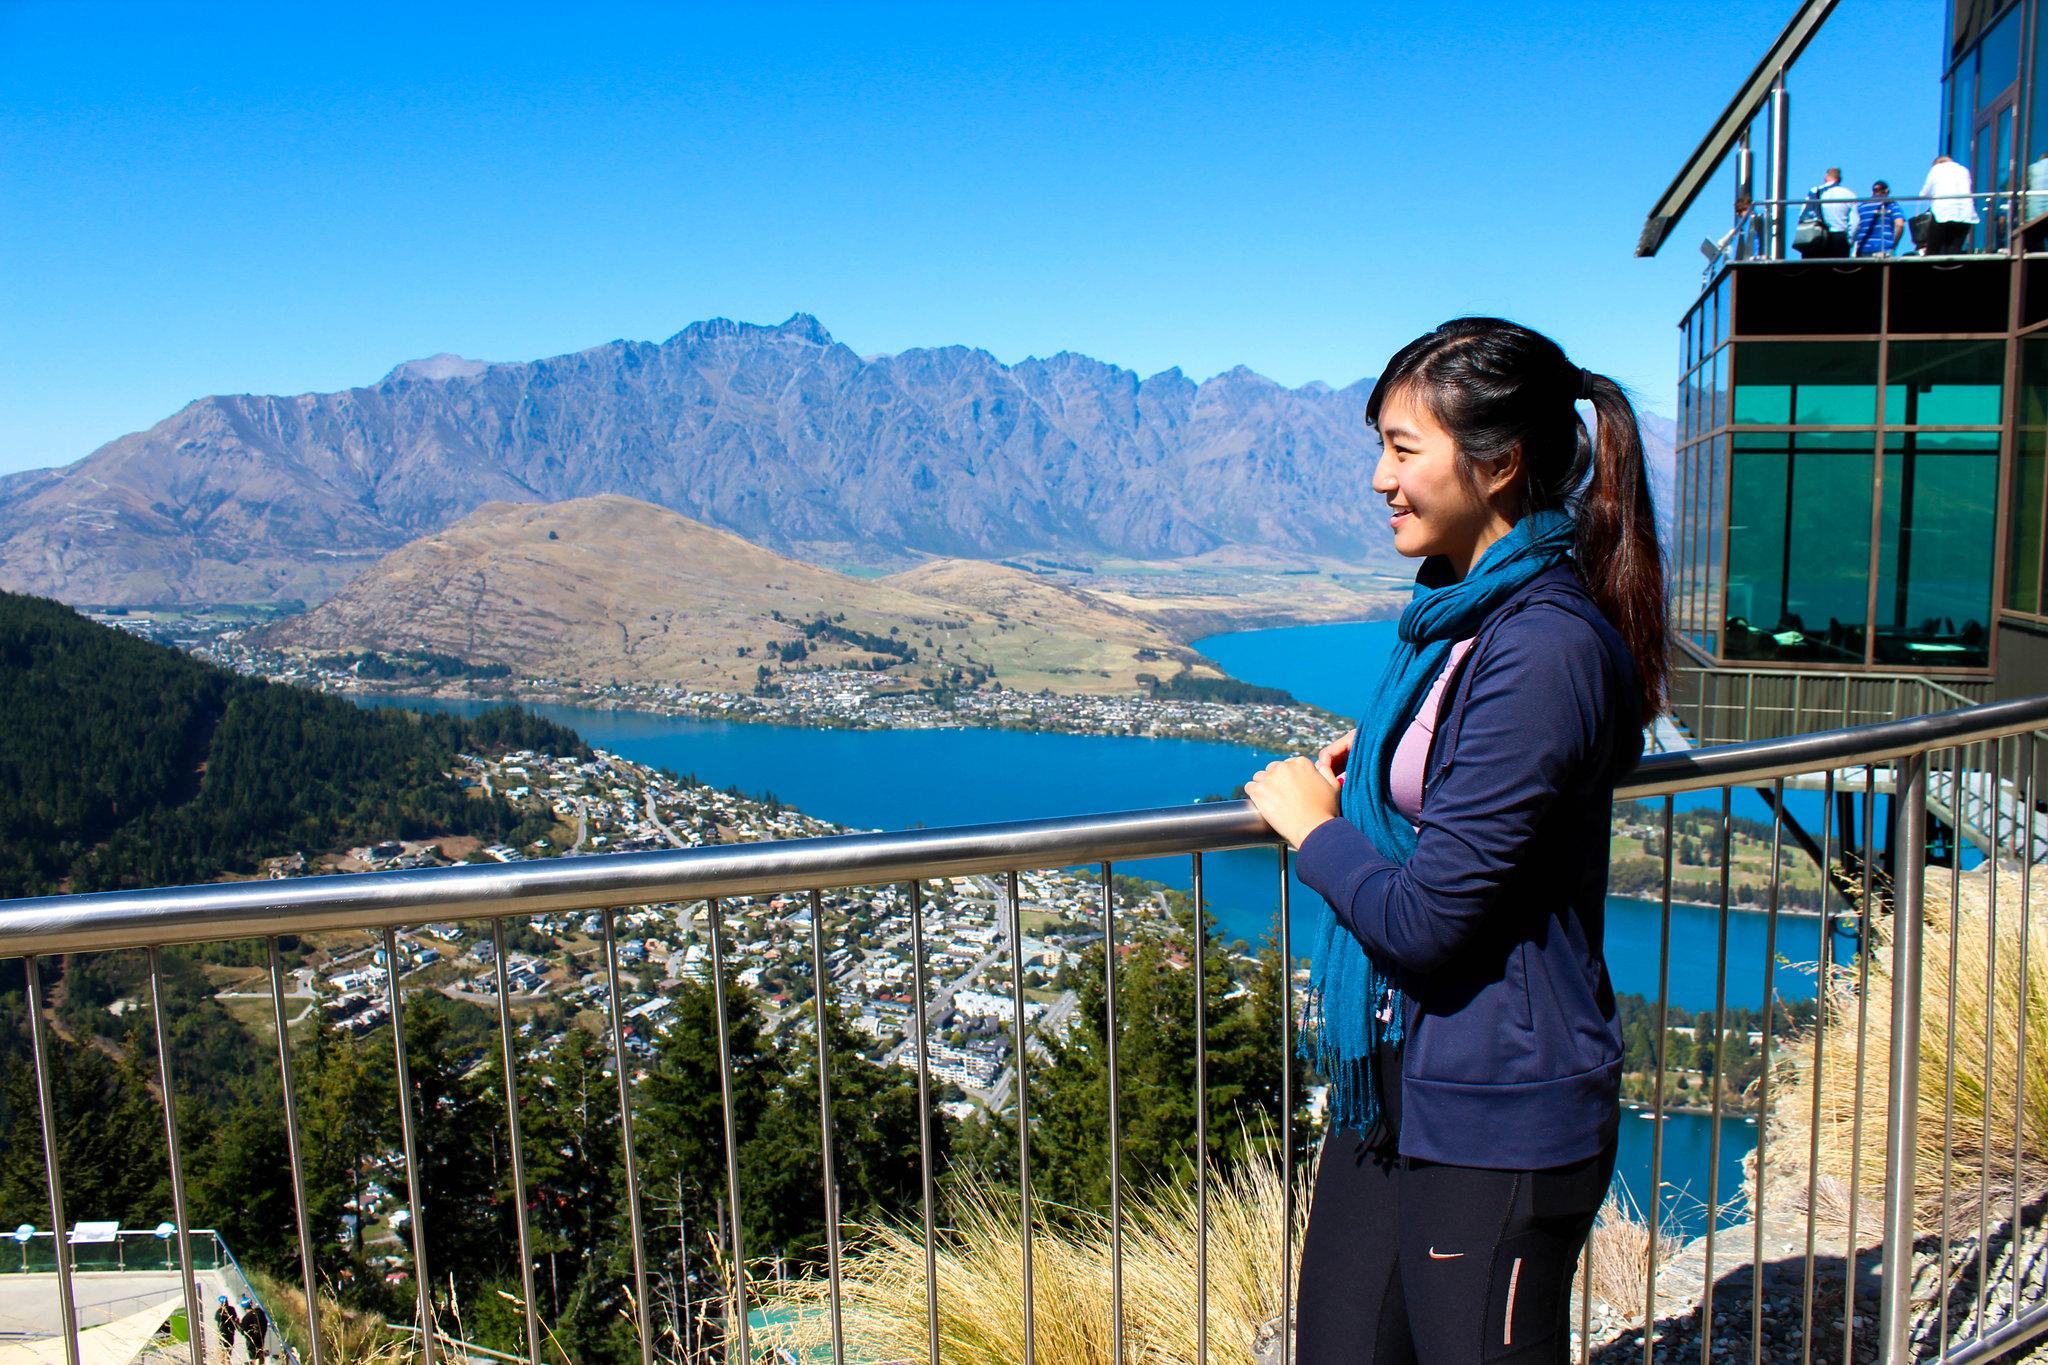 view from Skyline Gondola